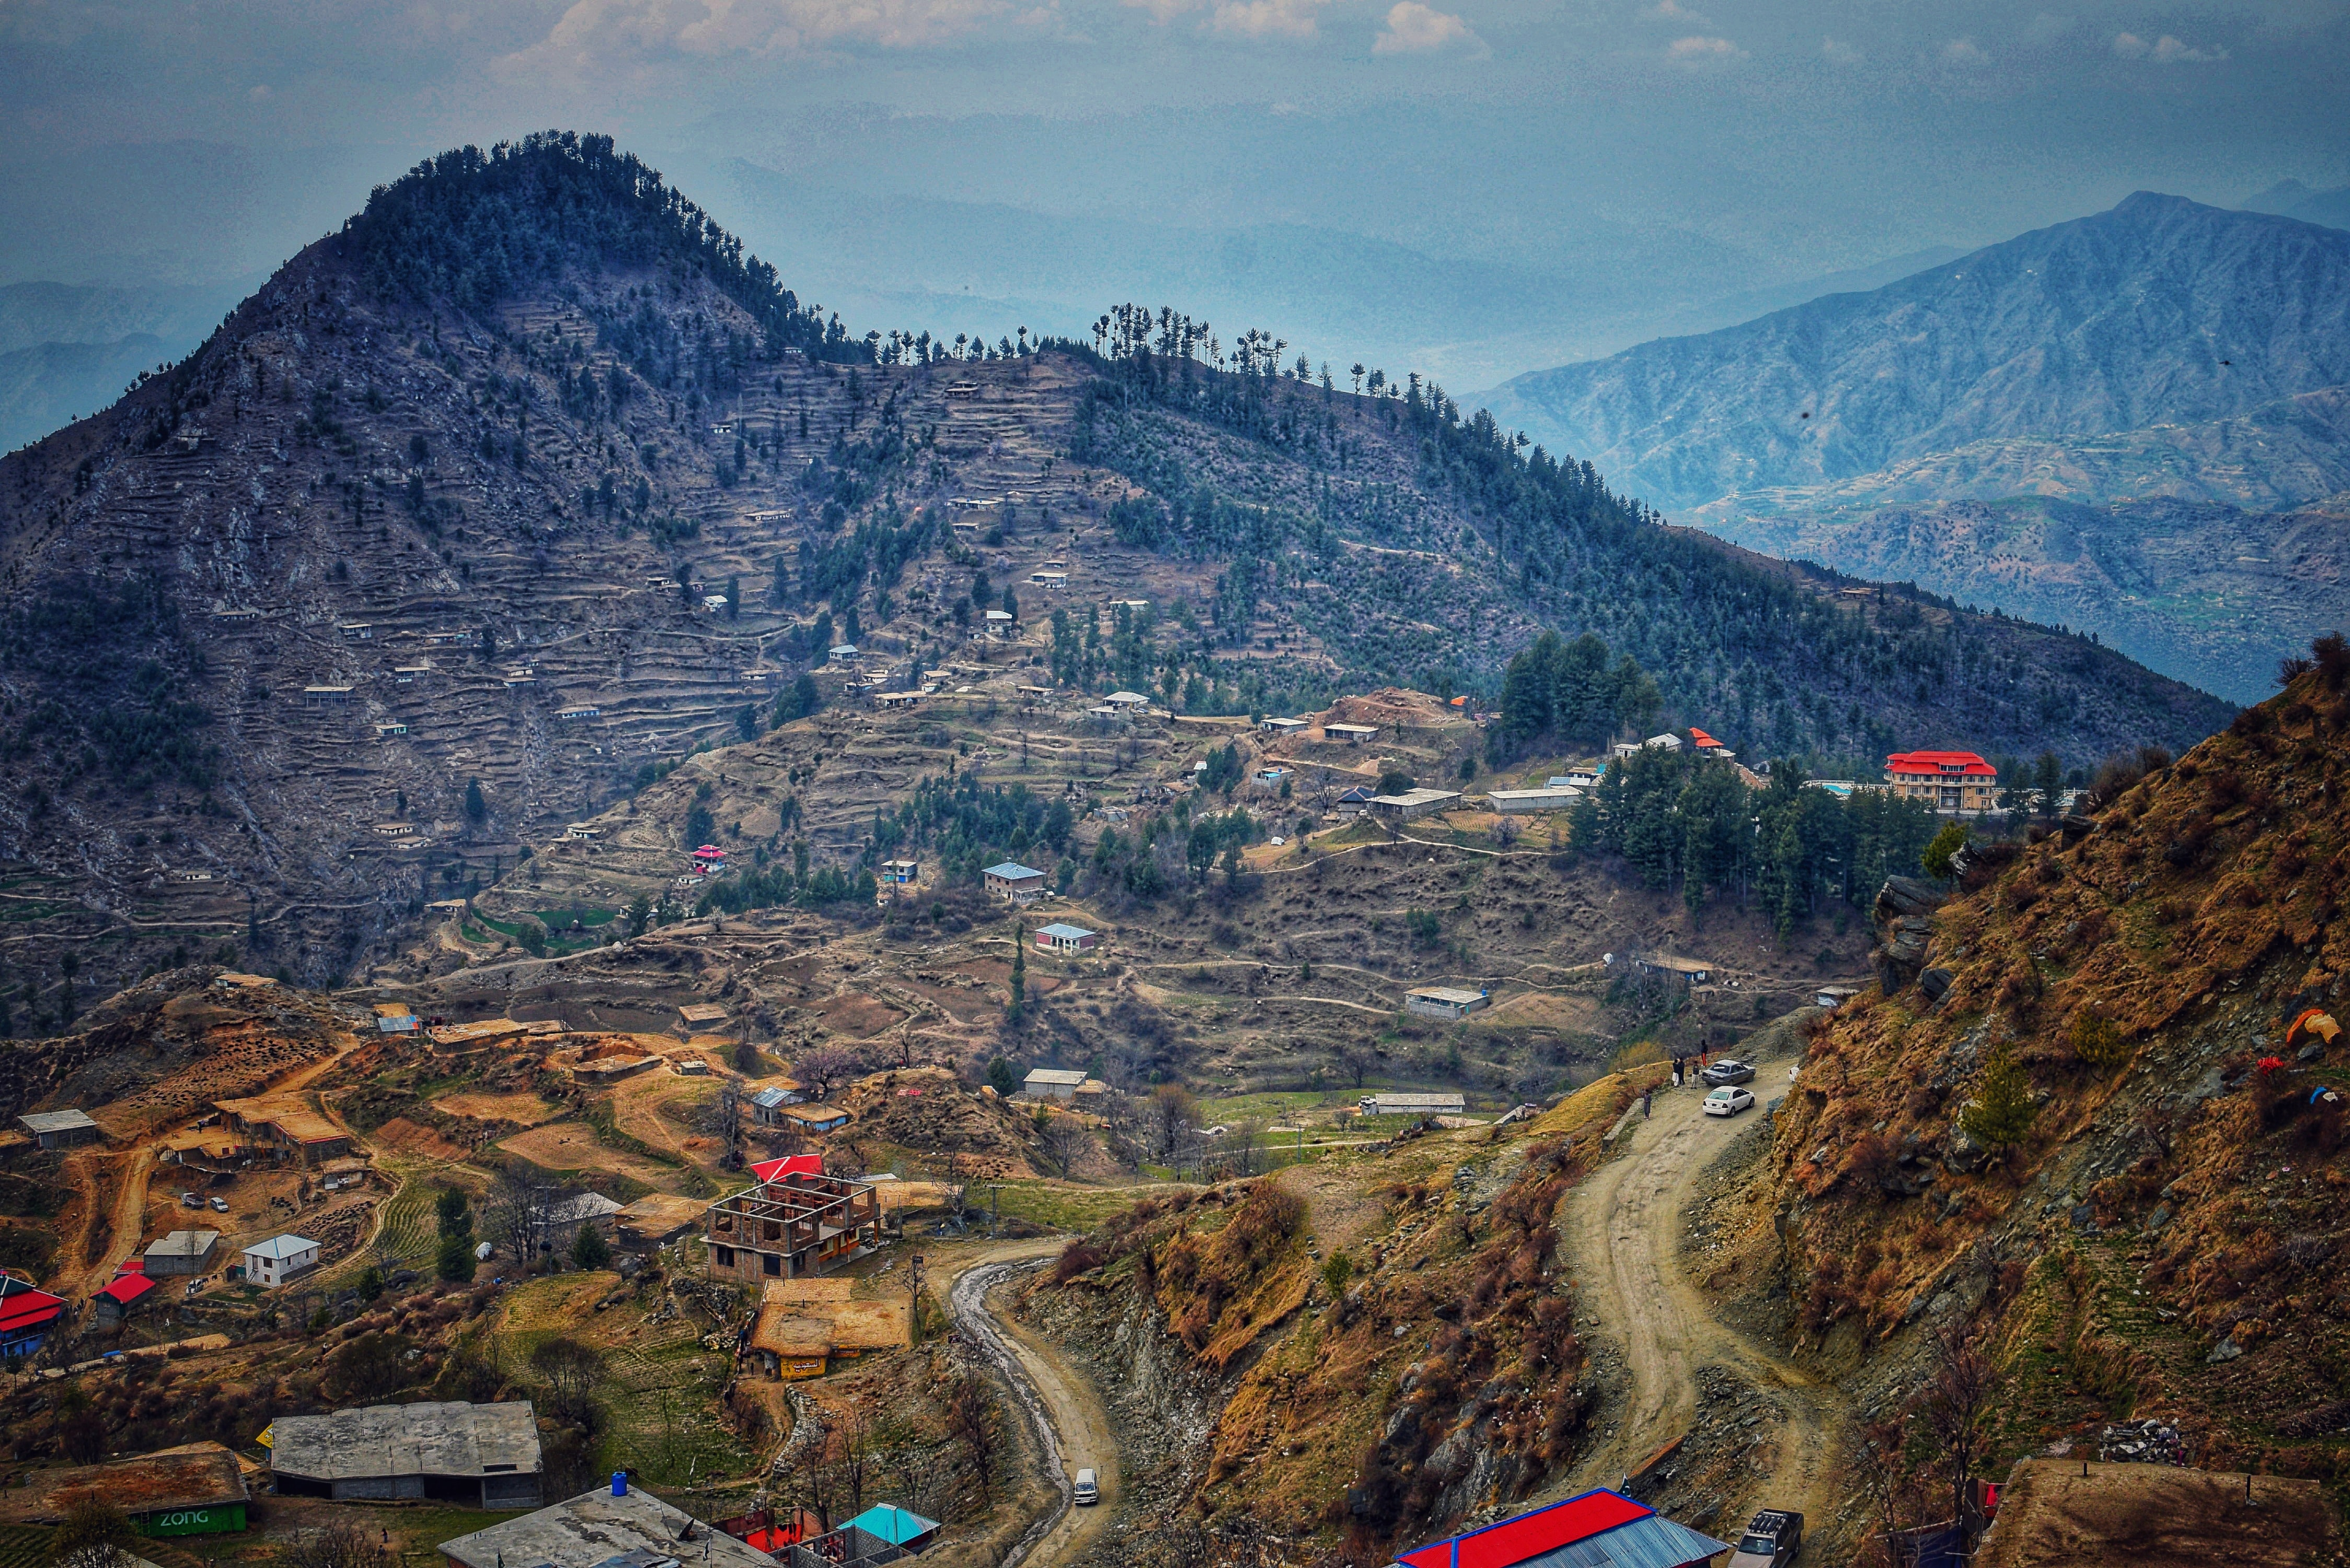 Pakistan Mountain Village